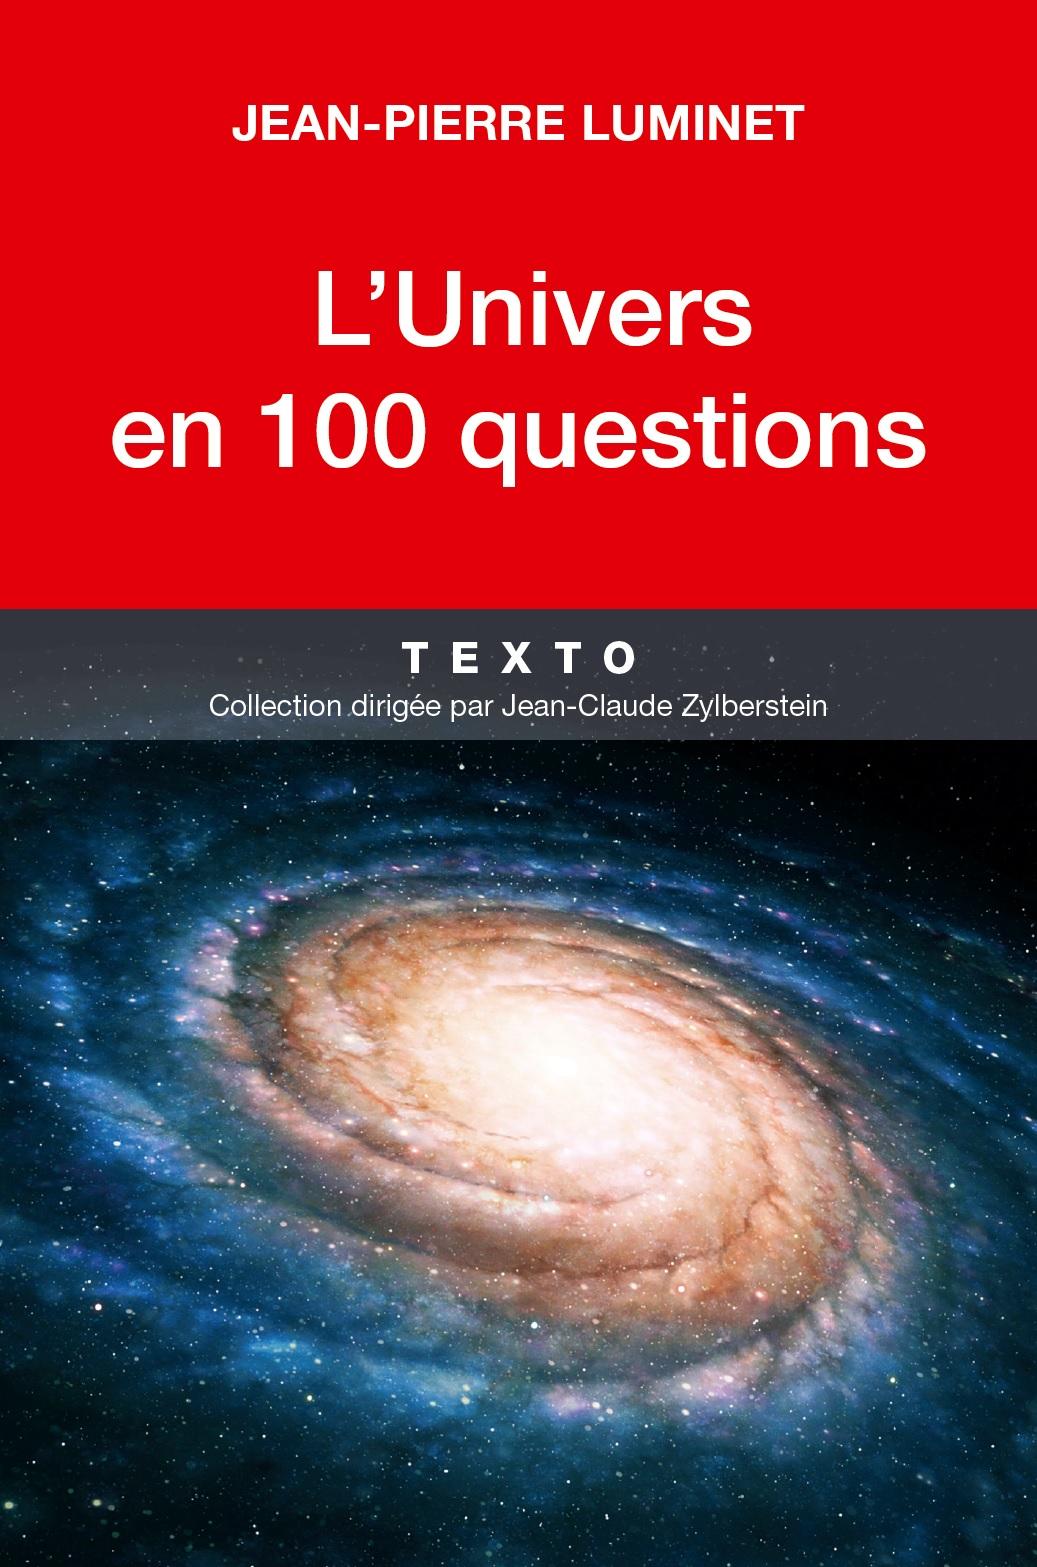 L'Univers en 100 questions